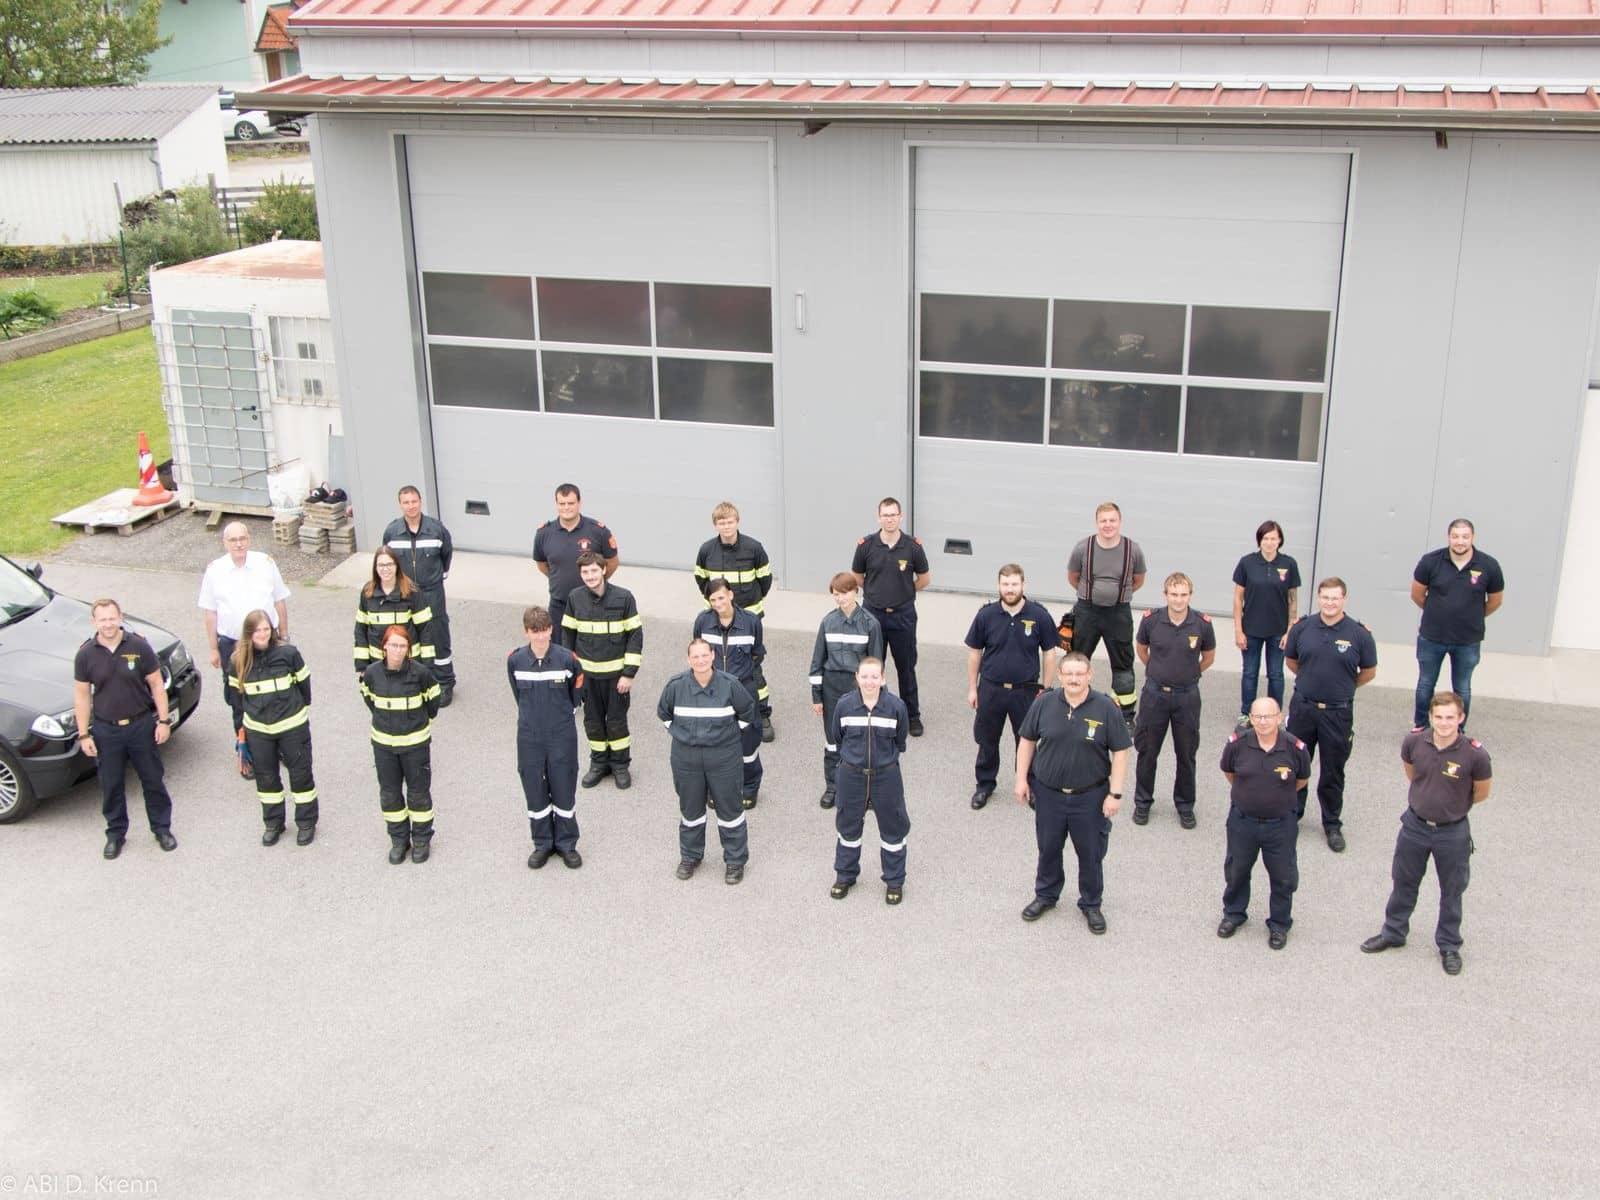 Feuerwehrausbildung auf Bezirksebene